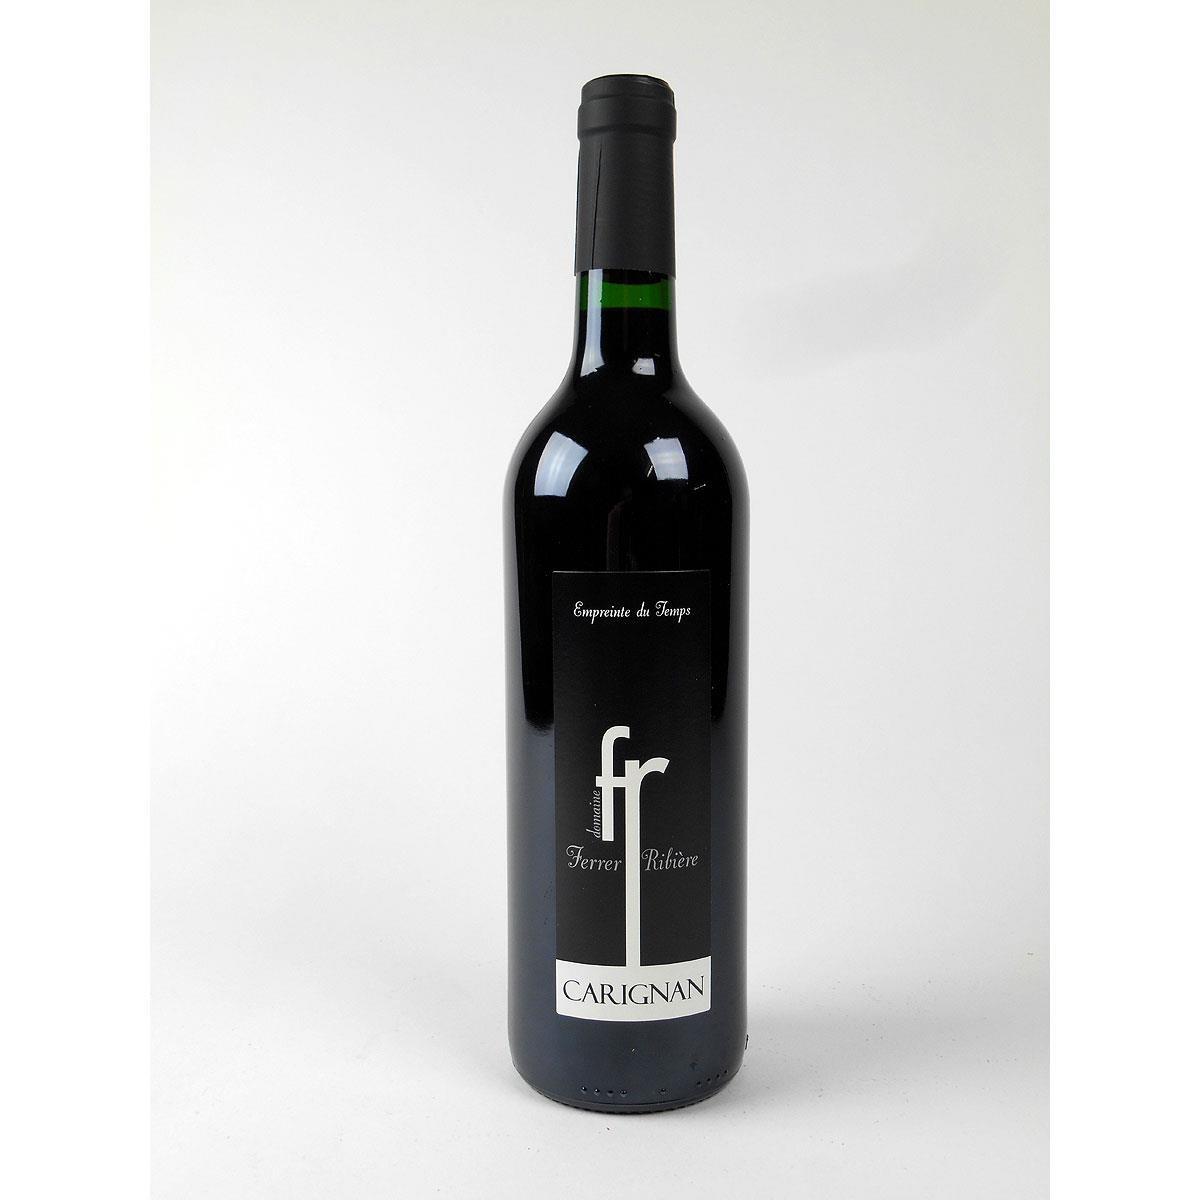 IGP Côtes Catalanes: Domaine Ferrer-Ribière 'Empreinte du Temps' Carignan 2017 - Wine Bottle